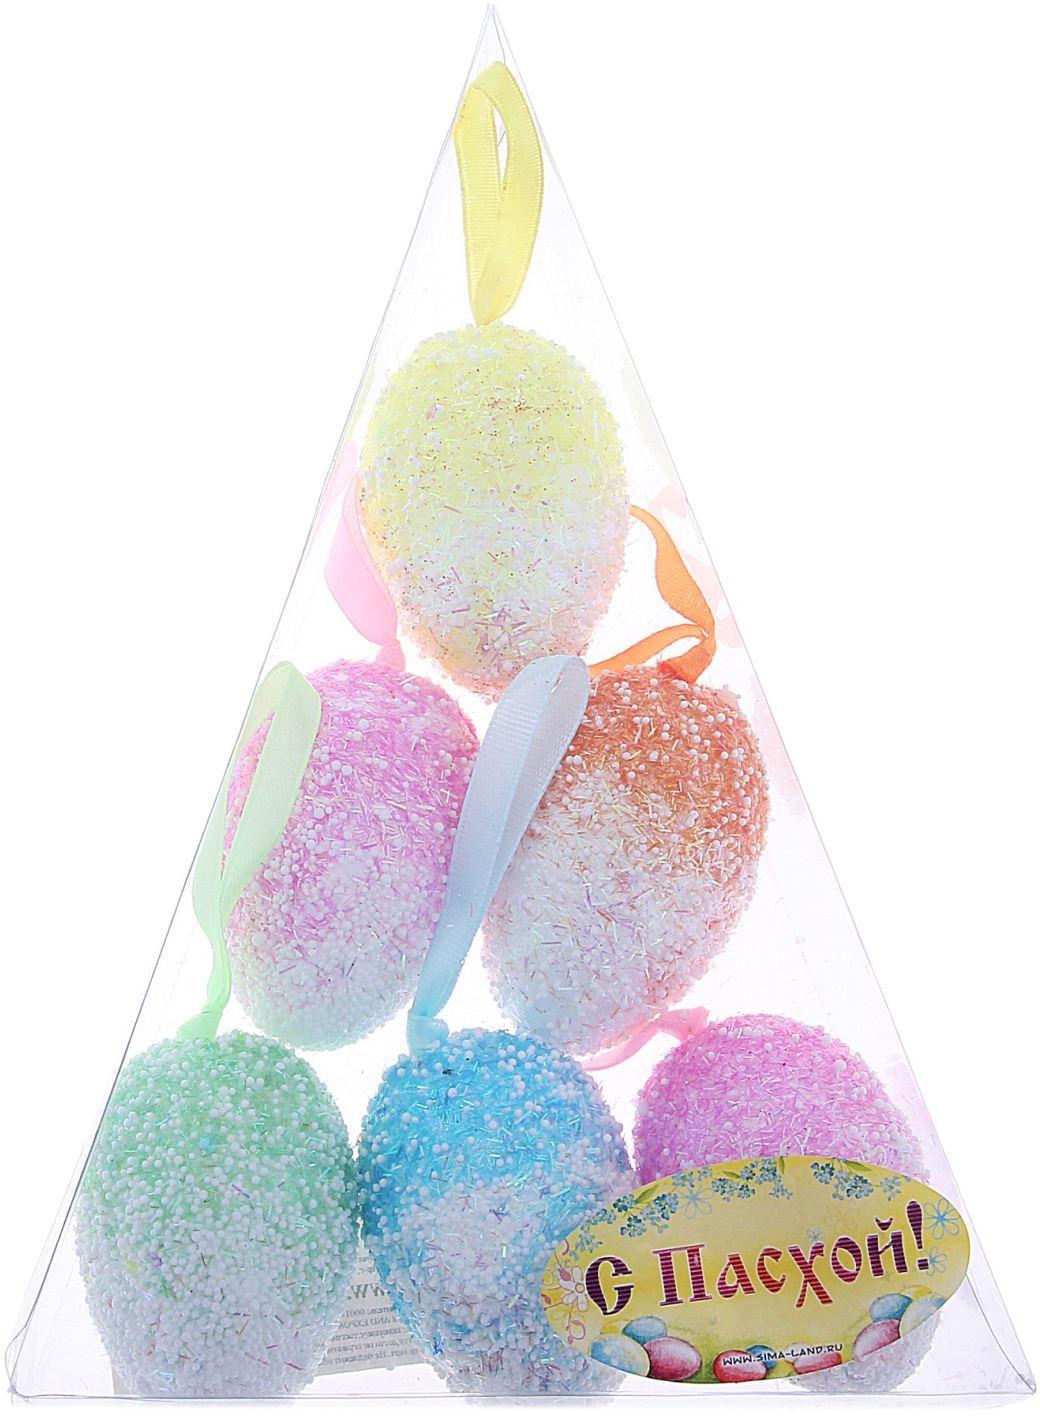 Сувенир пасхальный Sima-land Яйцо. Радуга, 4 х 4 х 6 см, 6 шт114774Сувенир - пасхальное яйцо Радуга (набор 6 шт) - символ жизни и возрождения. Вариантов применения такого милого сувенира множество. Во- первых, он послужит прекрасным подарком гостям, коллегам или друзьям. Всю праздничную неделю вы можете обмениваться подарочками. Во-вторых, с помощью такого сувенира вы сможете сами заняться сервировкой праздничного стола, положив его каждому гостю на тарелку, на красивую салфетку, выгодно подобрав цвета.